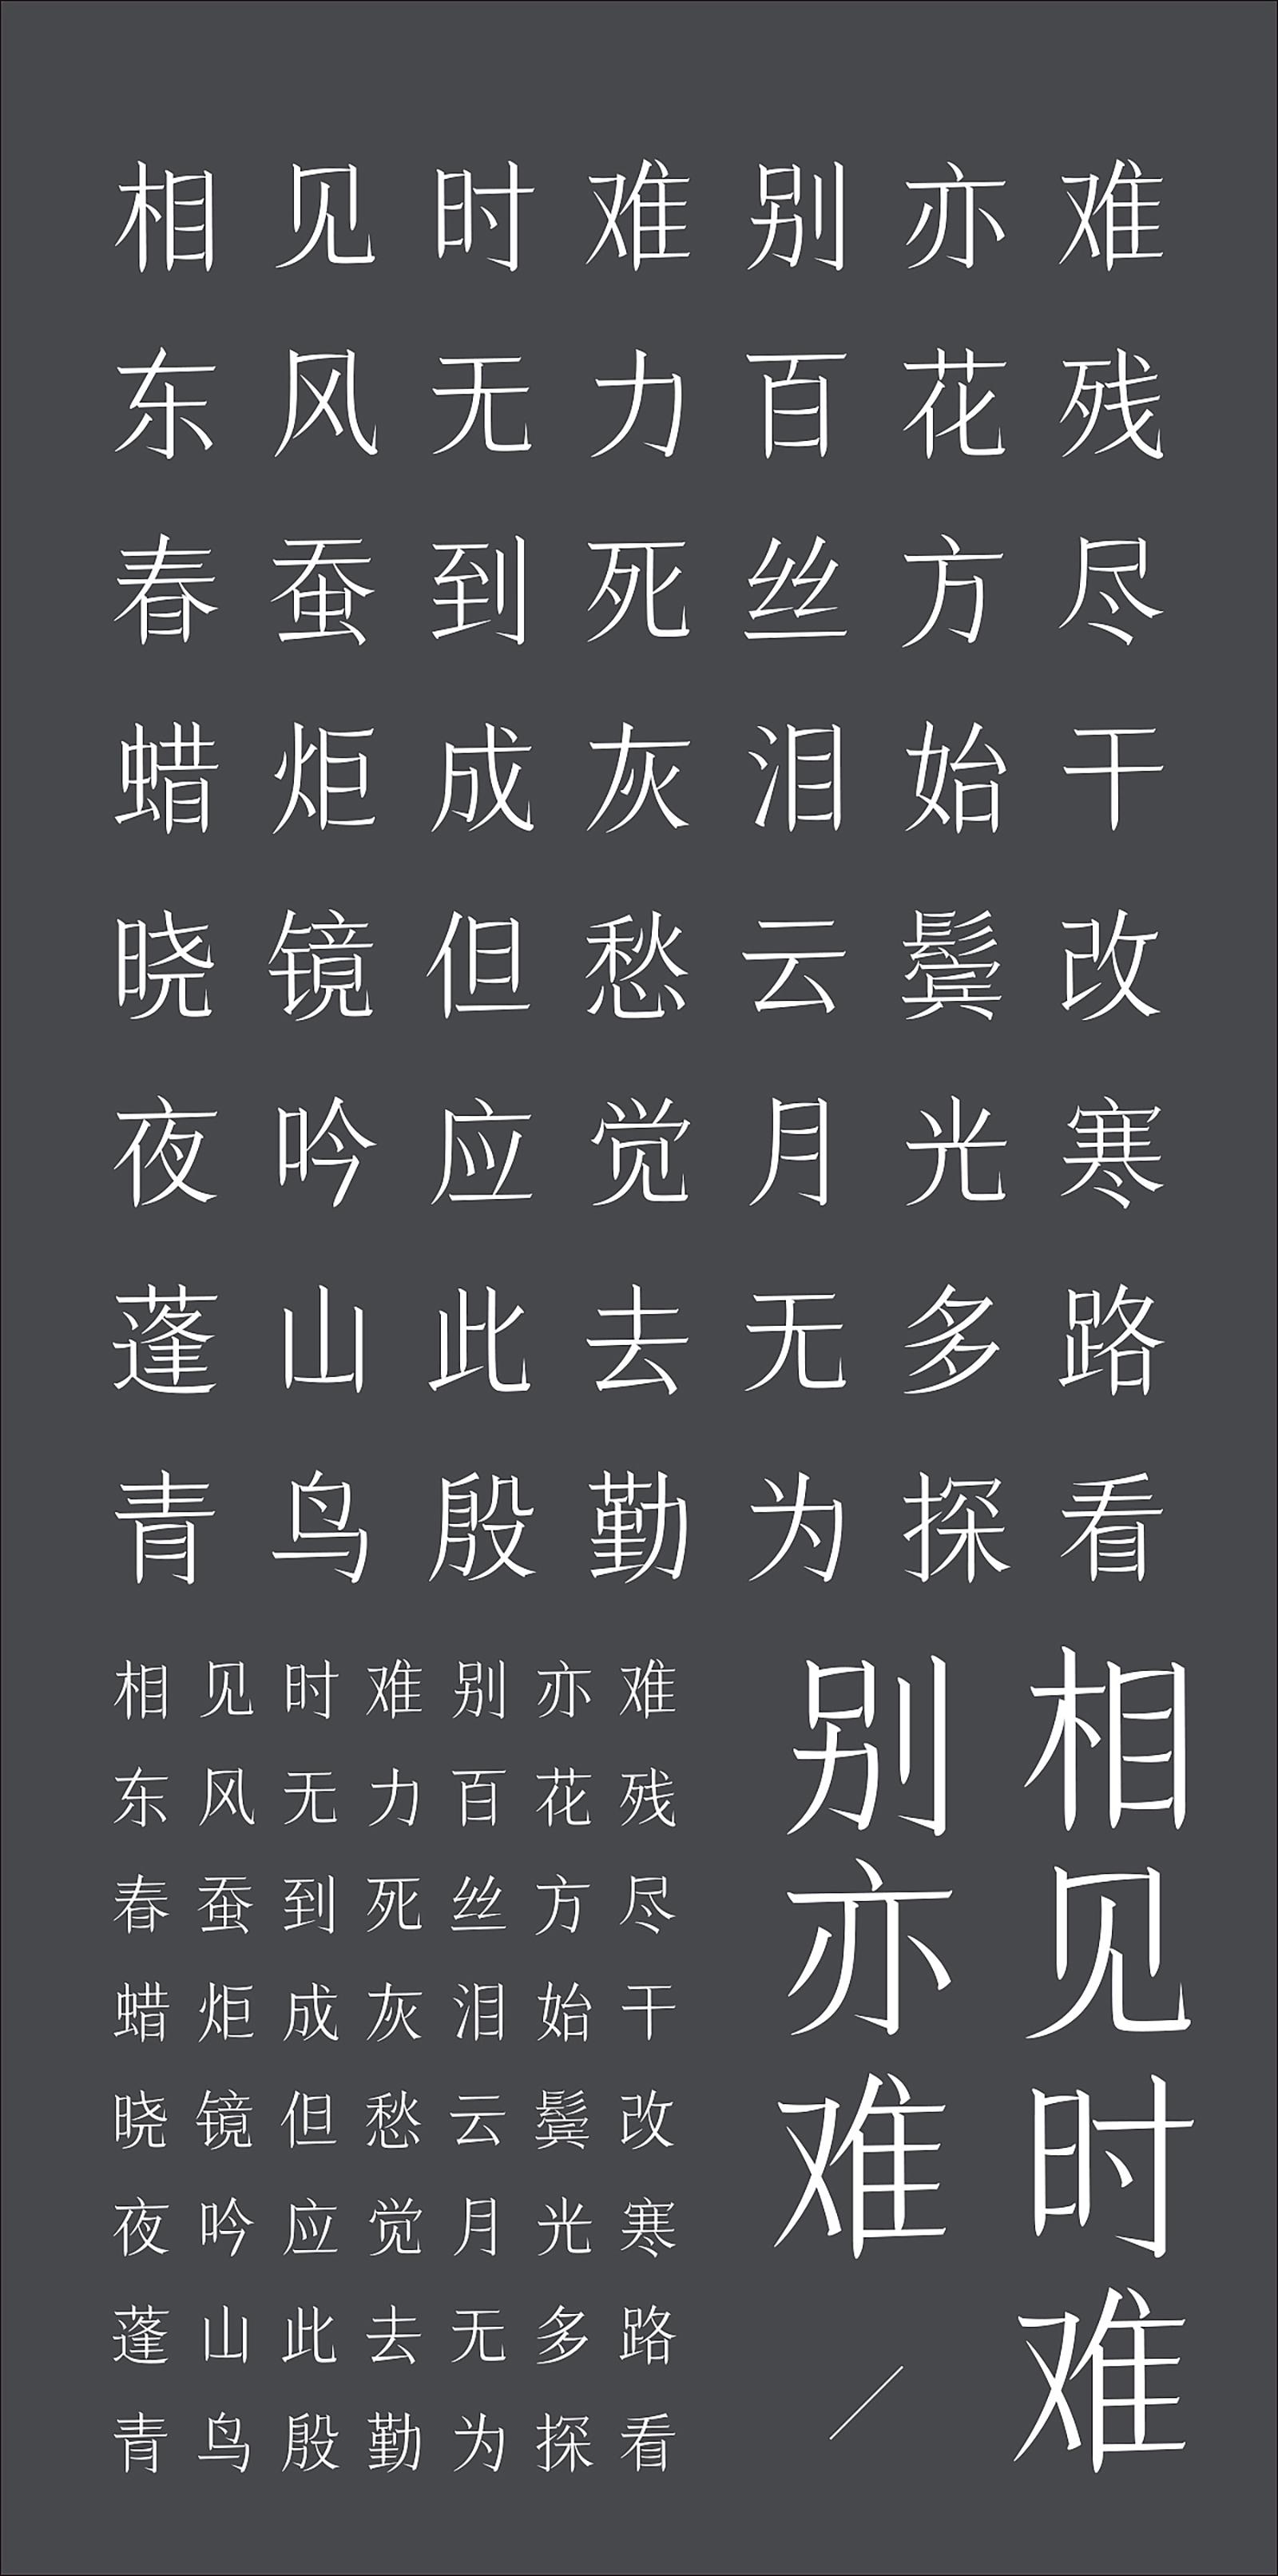 2019新字体:刘兵克春风体-深圳vi设计9